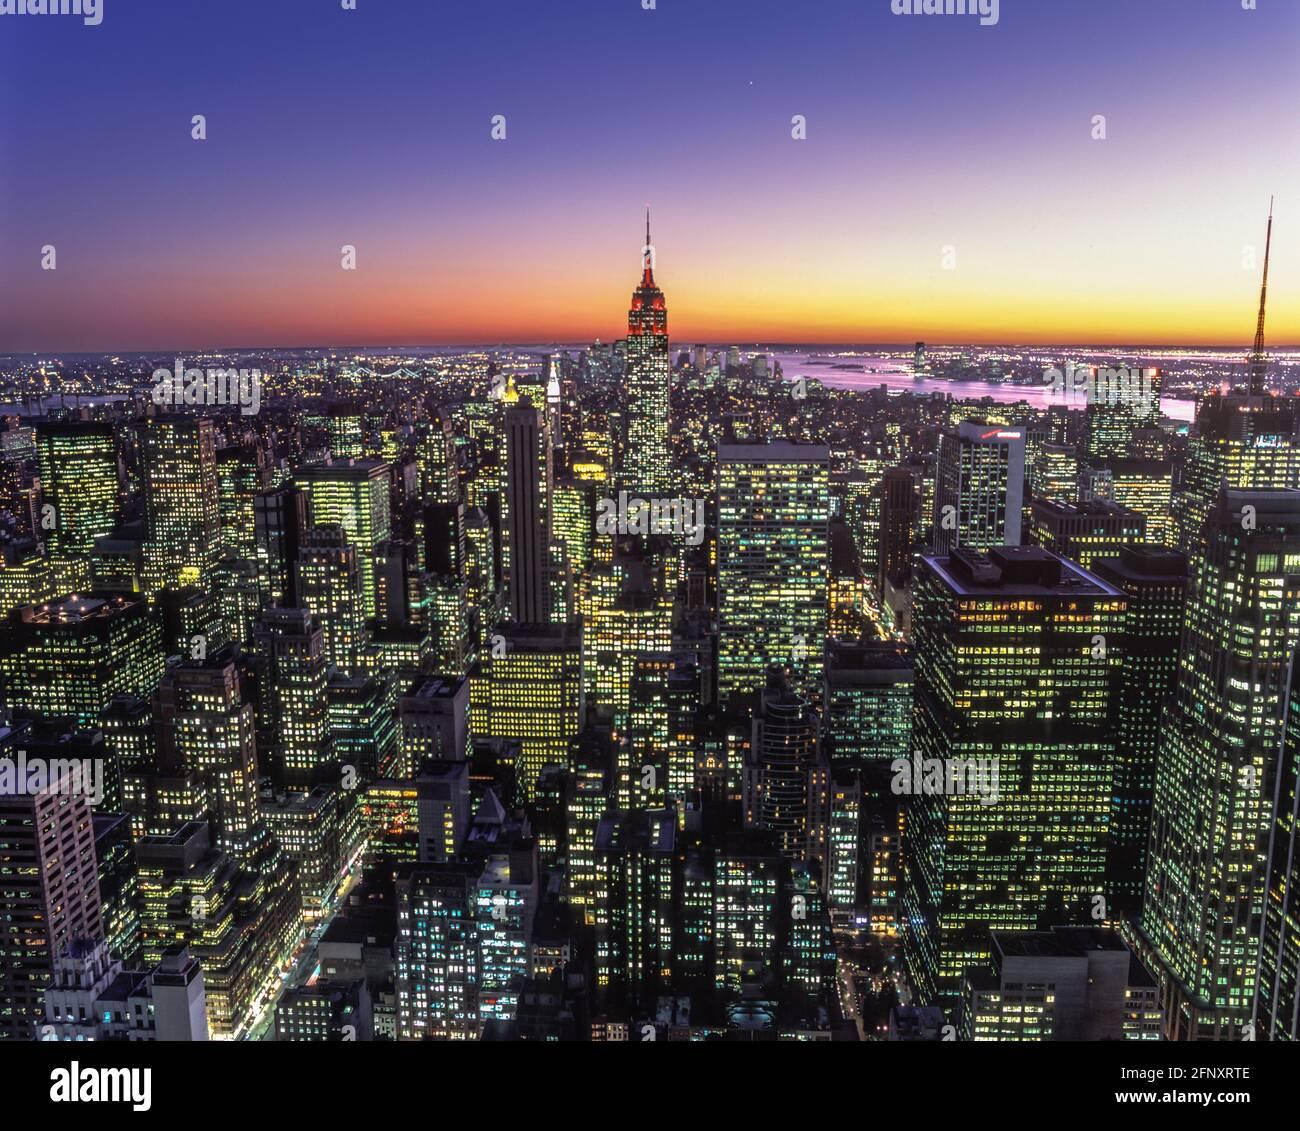 2005 BÂTIMENT HISTORIQUE DE L'EMPIRE STATE (©SHREVE LAMB & HARMON 1931) MIDTOWN MANHATTAN NEW YORK CITY ÉTATS-UNIS Banque D'Images